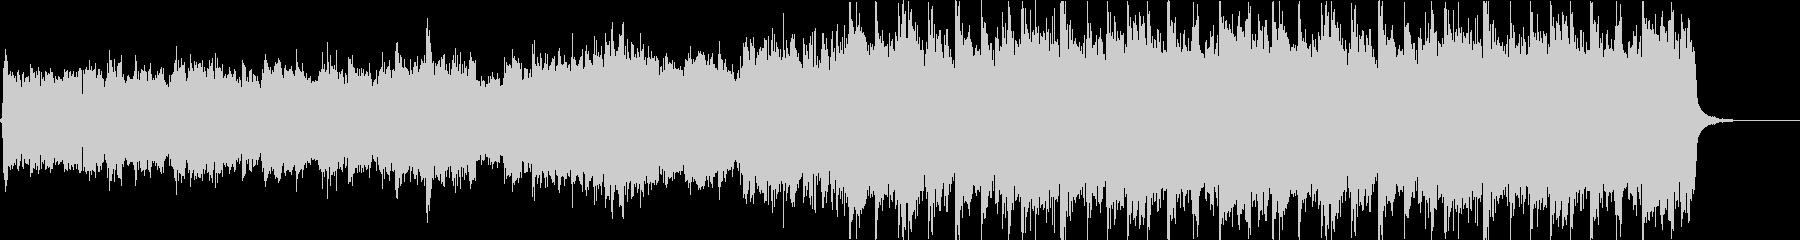 ドキュメンタリーOP風ロックバラードの未再生の波形